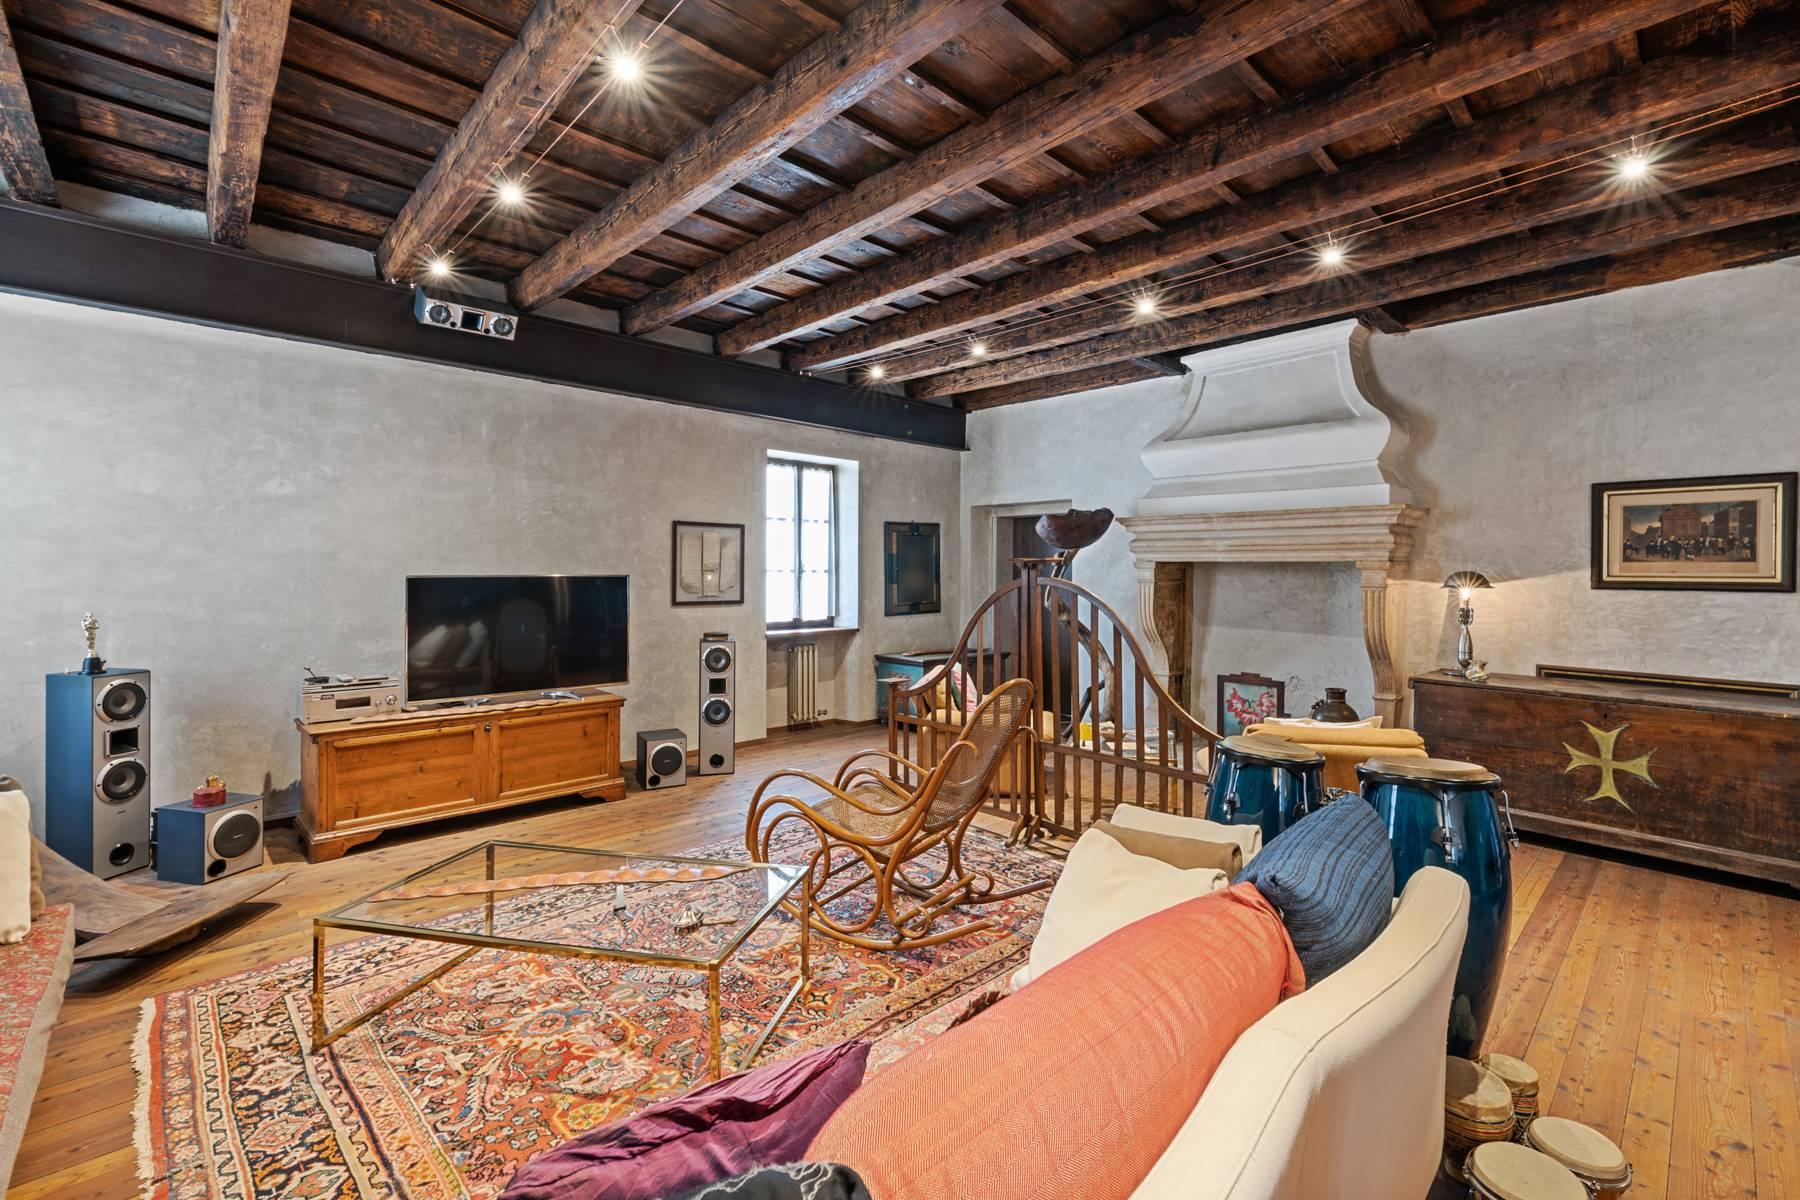 Rustico in Vendita a Caprino Veronese: 5 locali, 770 mq - Foto 15